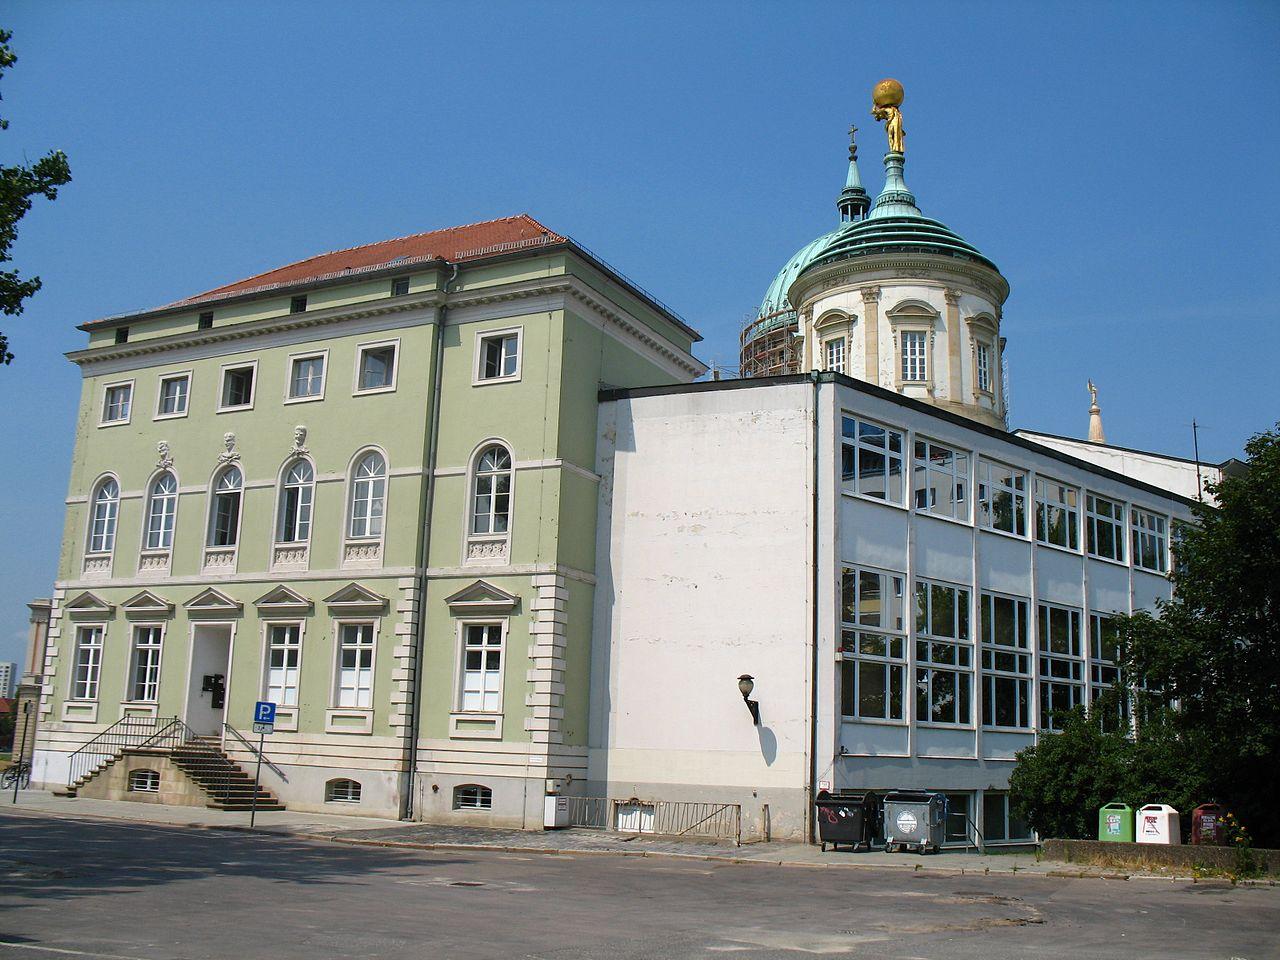 Bild Knobelsdorff Haus Potsdam